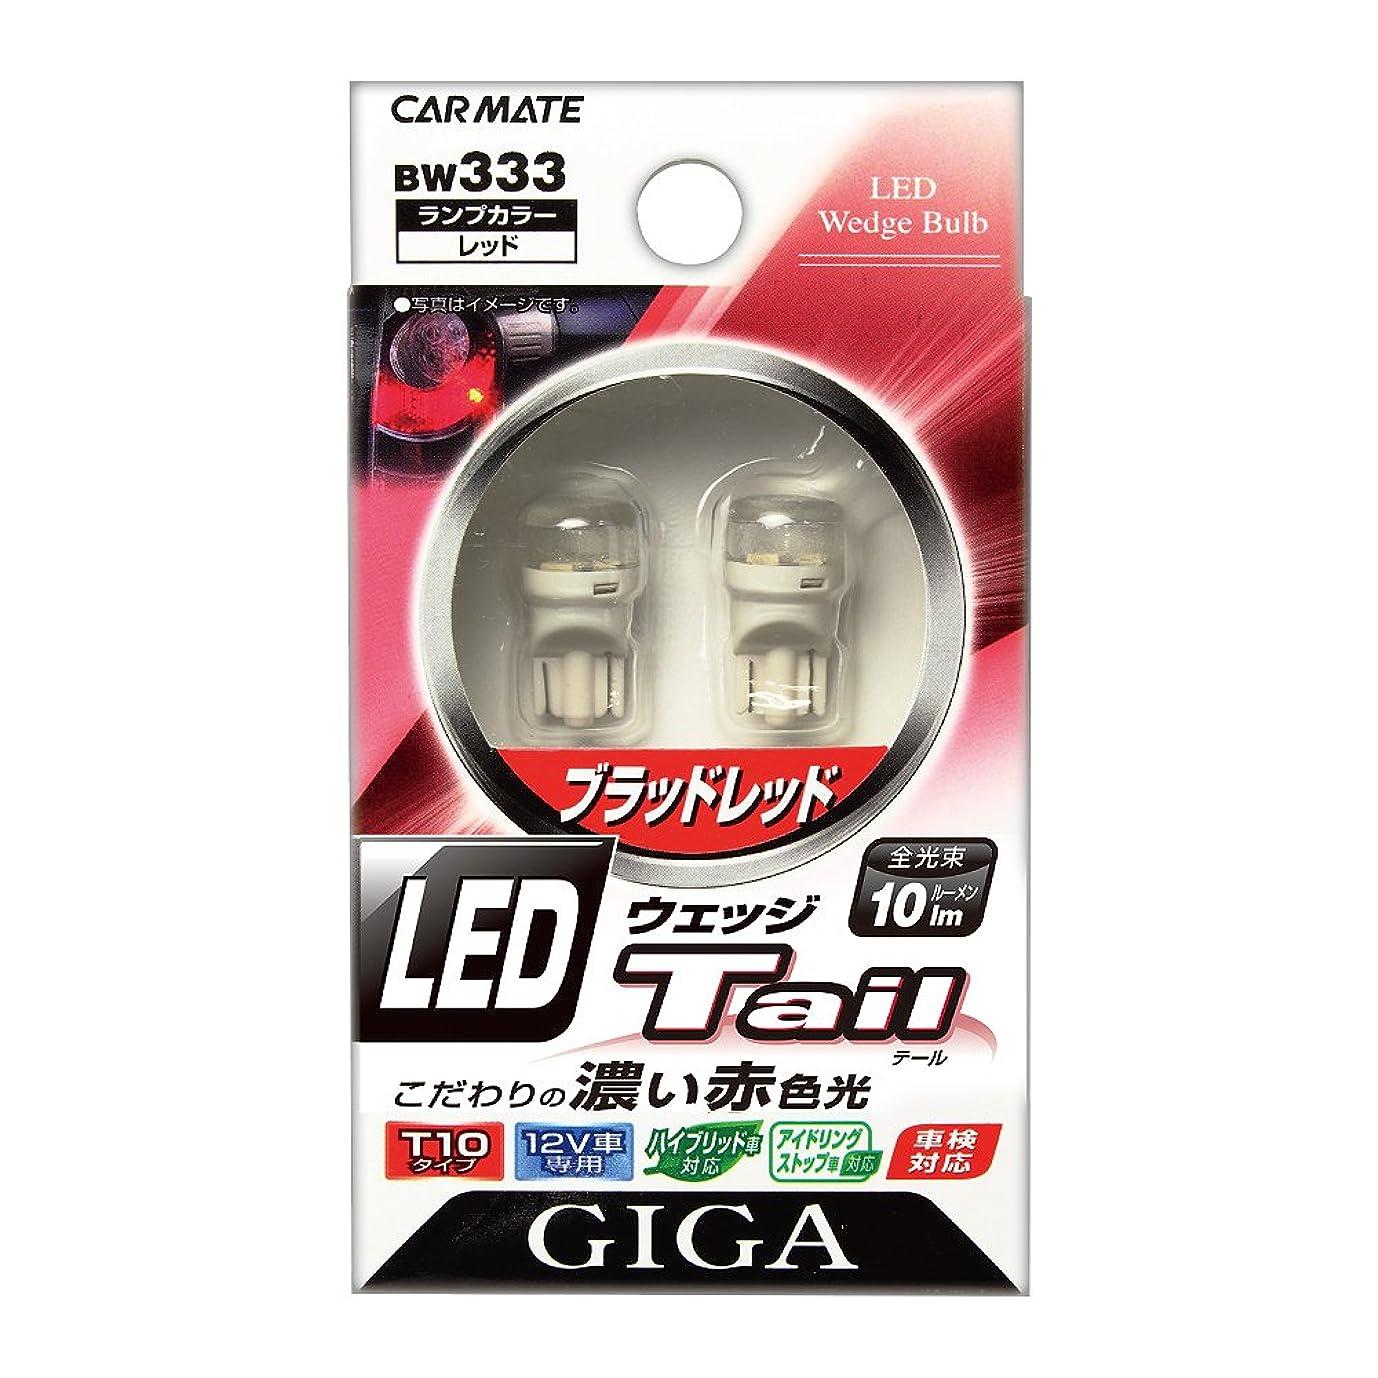 エスニックきらめく素朴な12V車用 24連SMD S25シングル/G18 (BA15s) LED 電球 ホワイト バック球 ナンバー灯